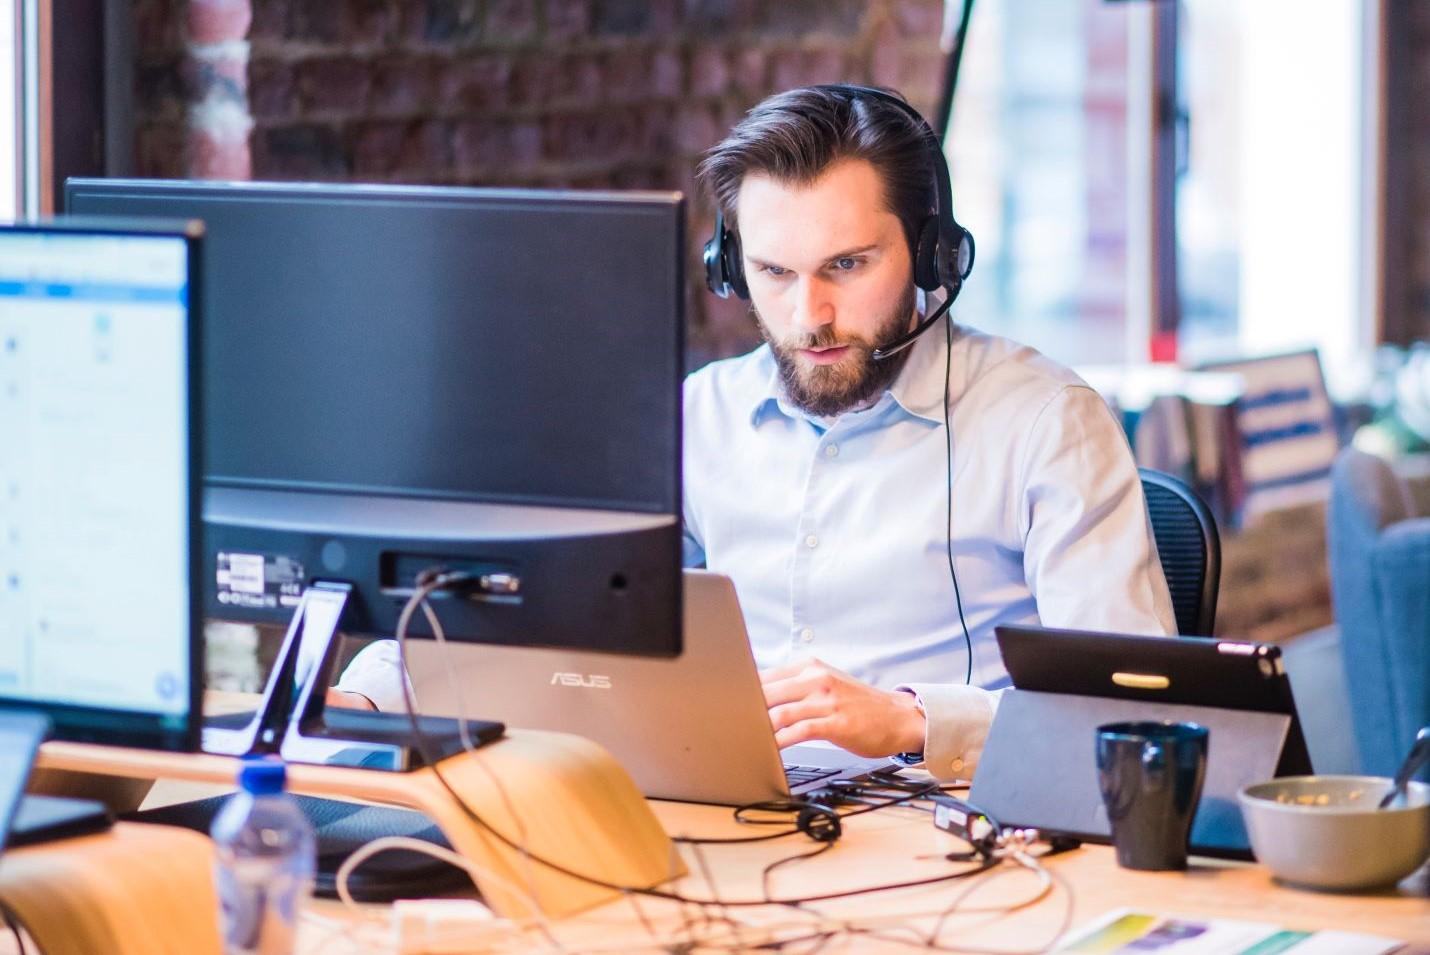 man working at his laptop, wearing headphones